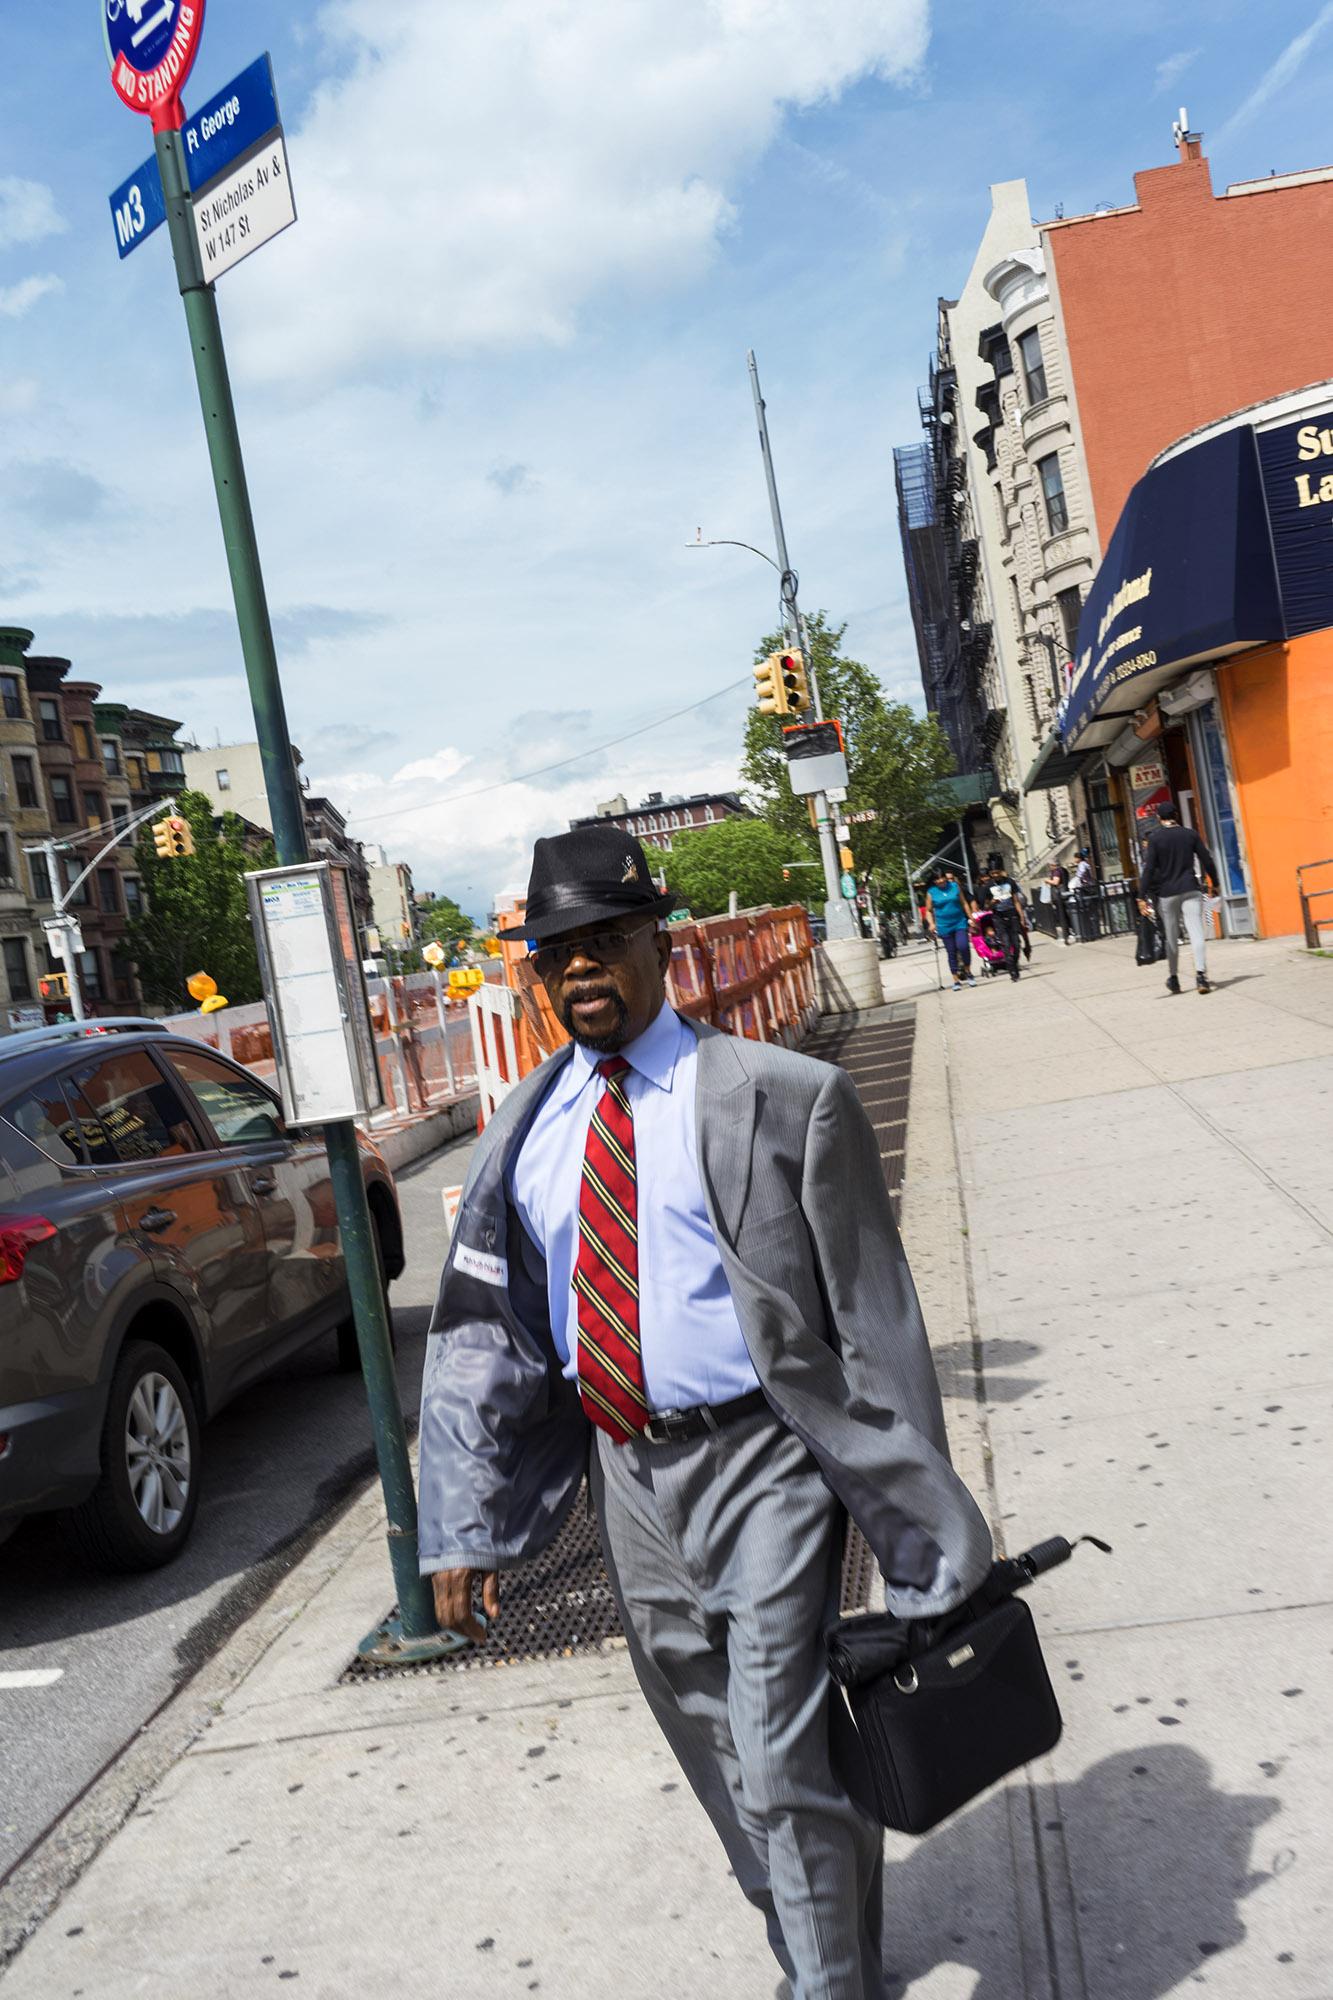 CaballeroCosmica-NewYork-Harlem.jpg